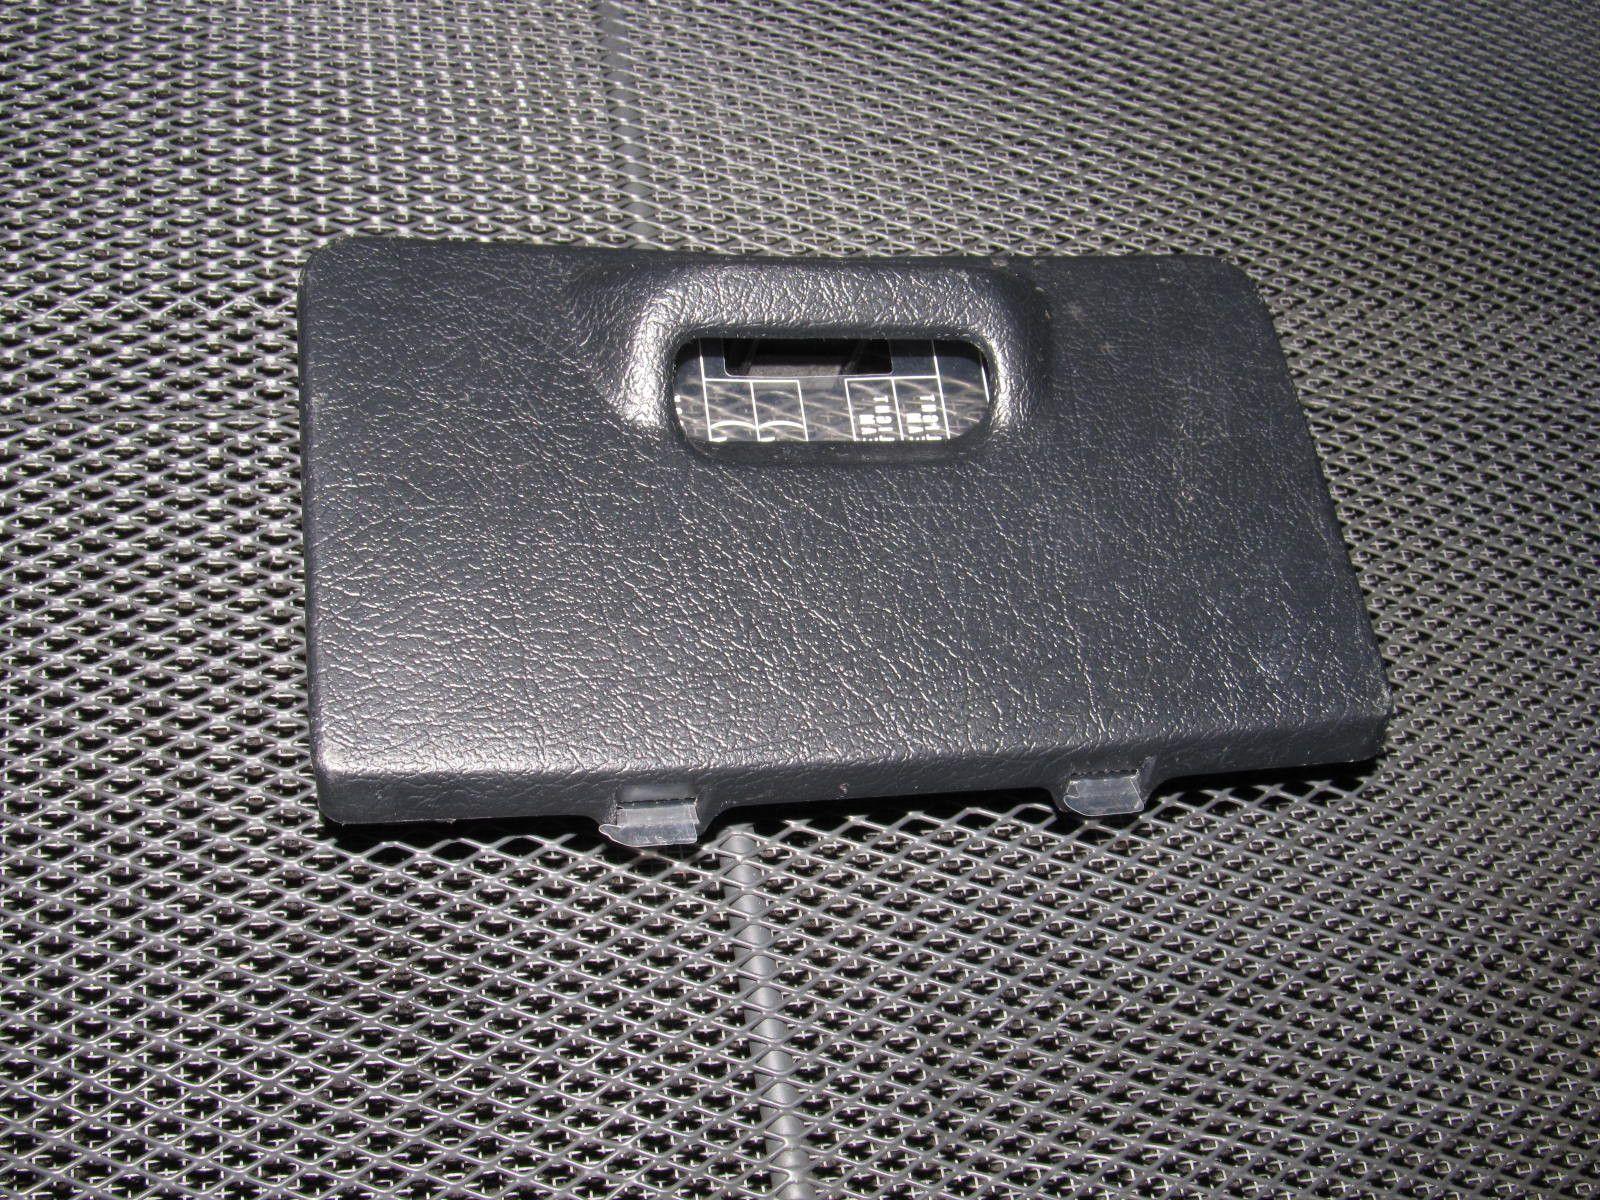 94 95 96 97 98 99 00 01 acura integra oem interior fuse box cover [ 1600 x 1200 Pixel ]